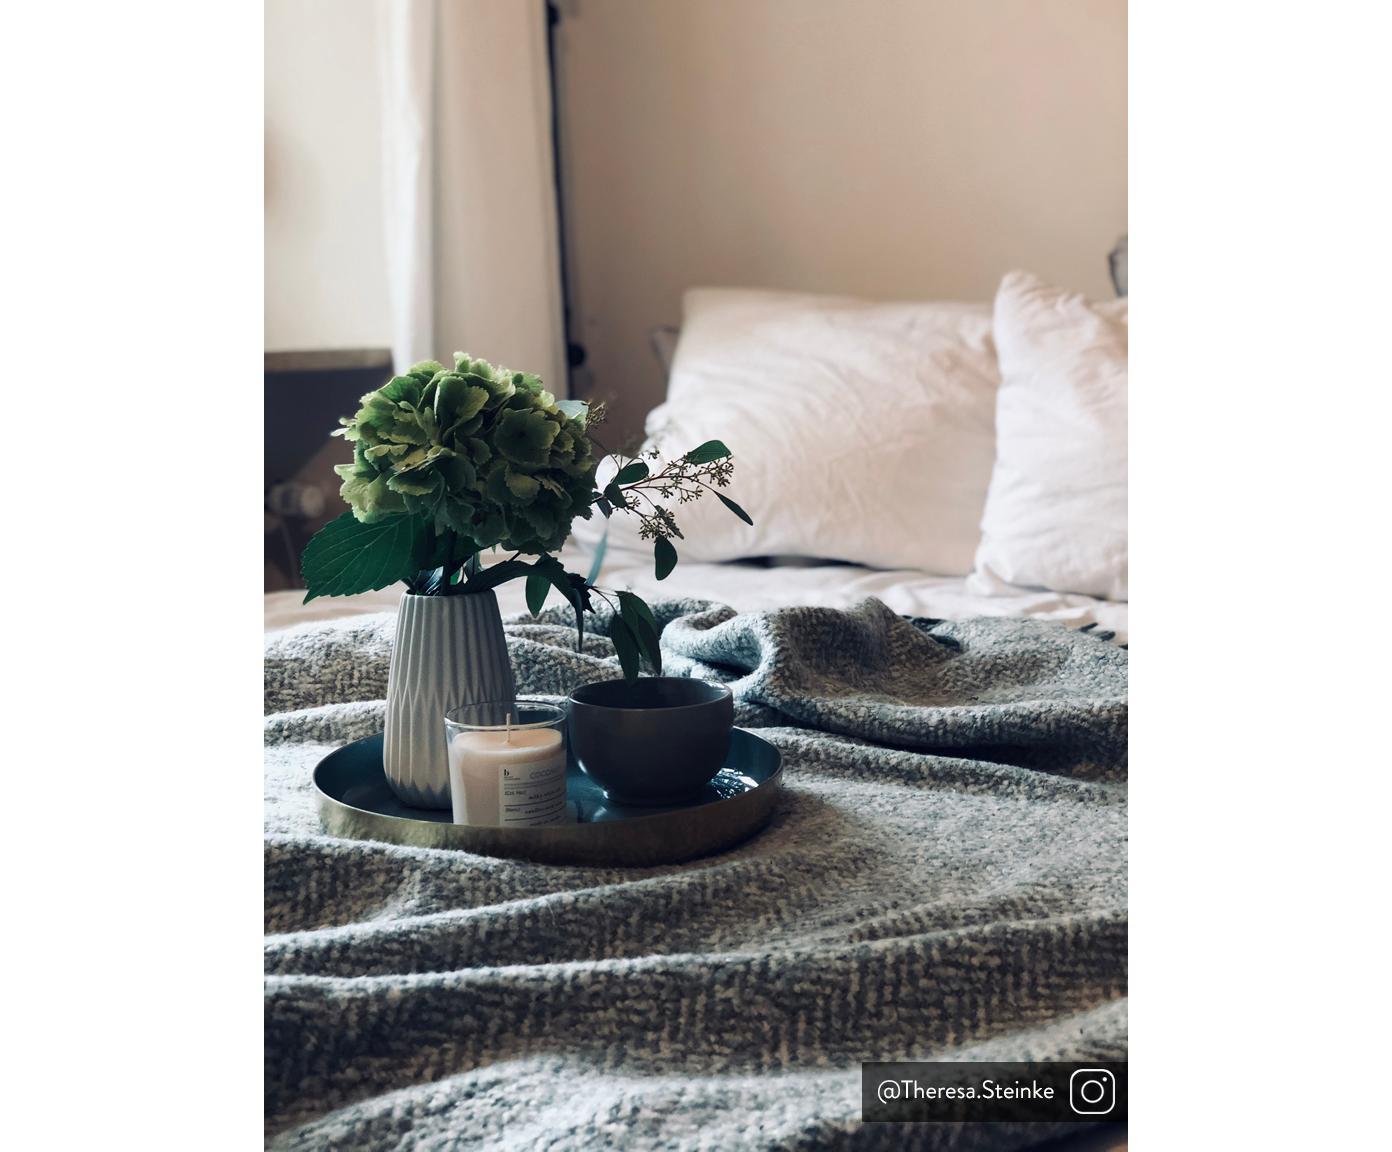 Świeca zapachowa Bliss (kokos), Naturalny wosk sojowy, szkło, Transparentny, W 8 cm